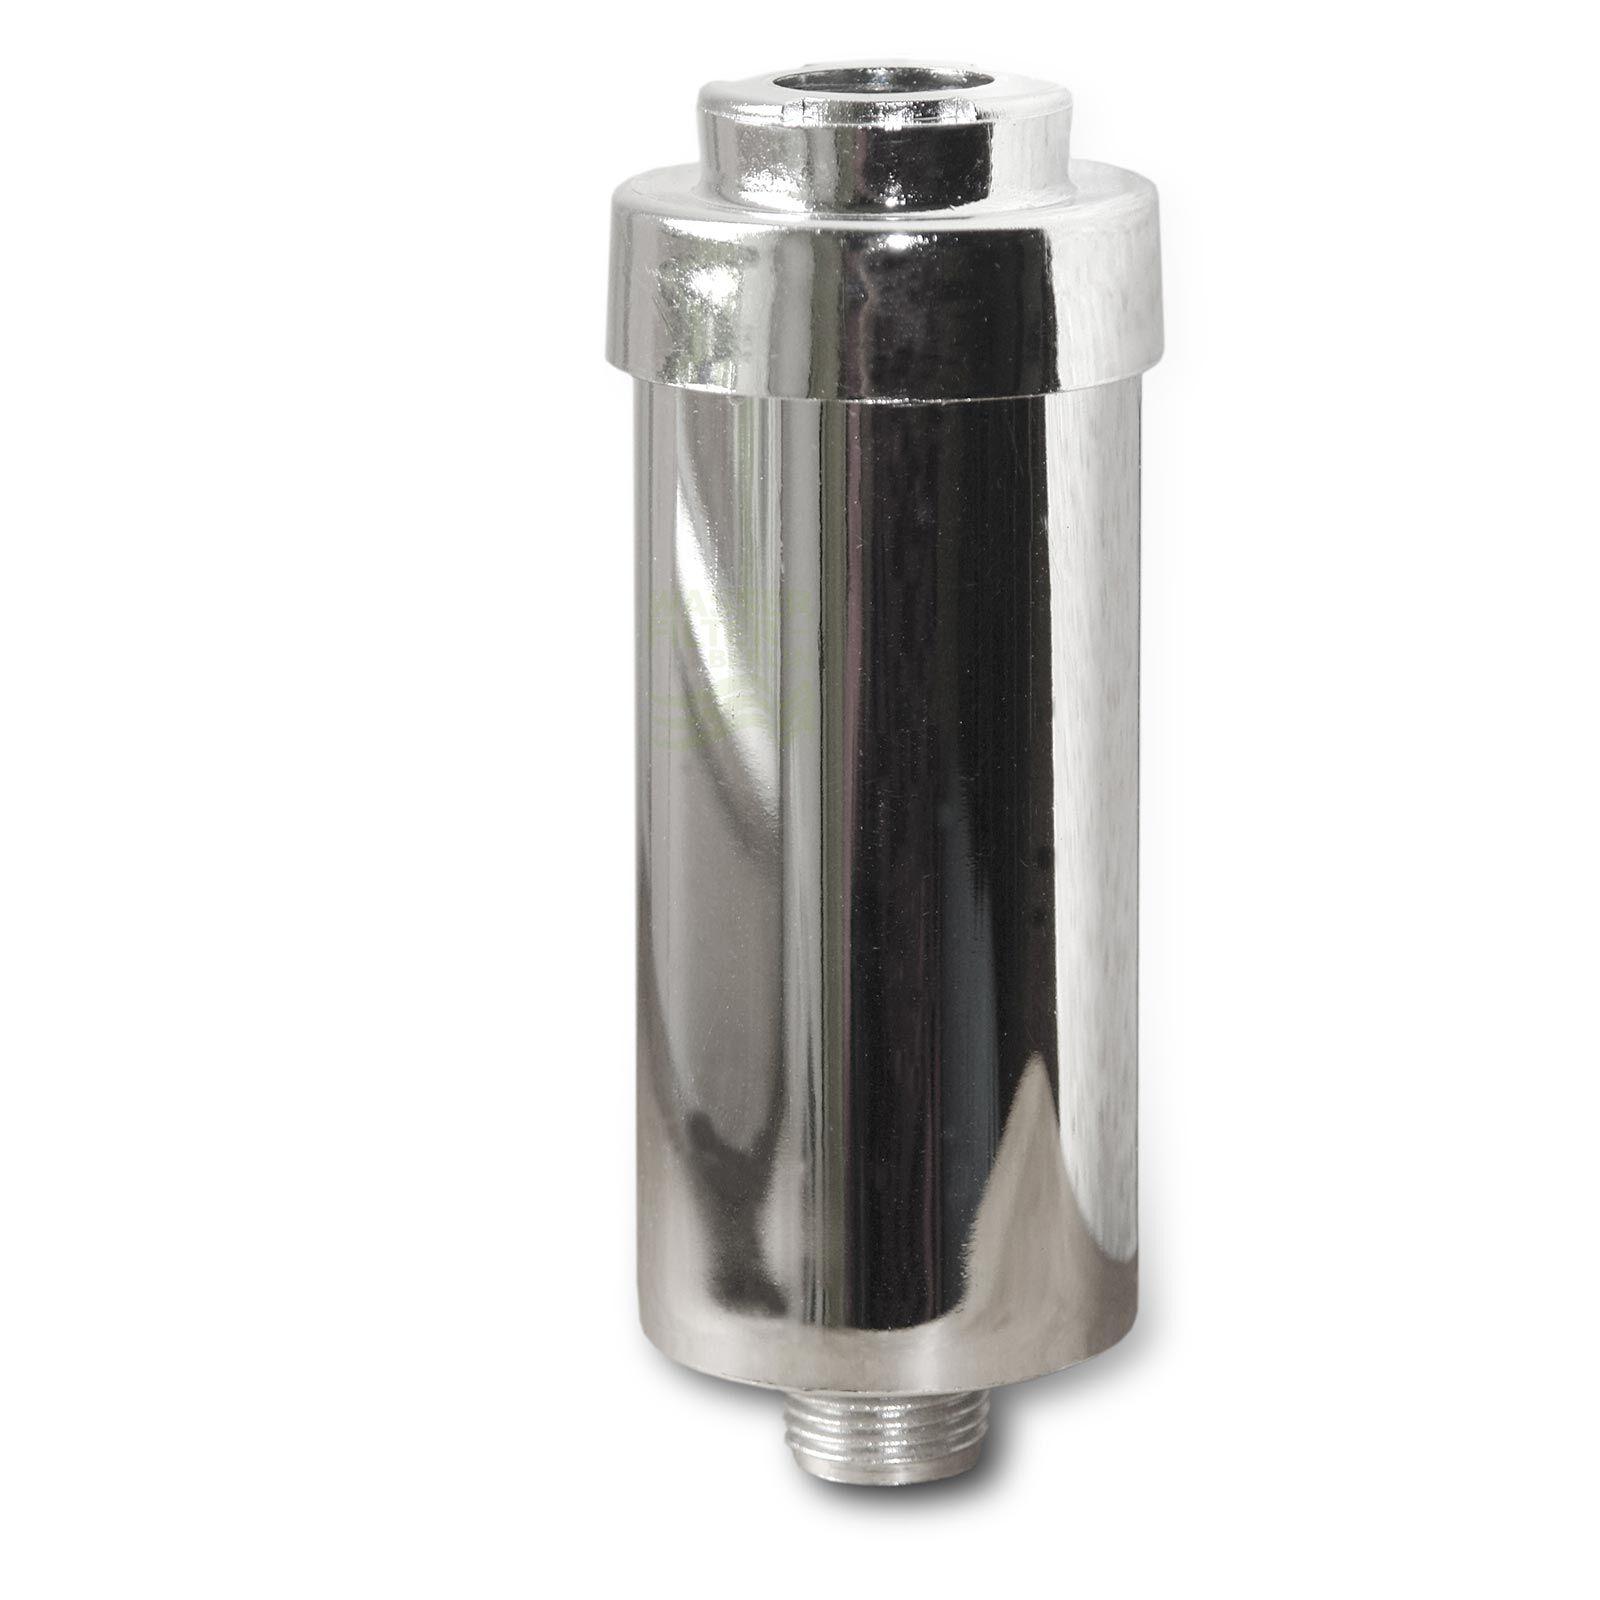 FitAqua Duschfilter FitAqua chrom Wasserfilter zum Wohle Ihrer Haut, BPA-frei